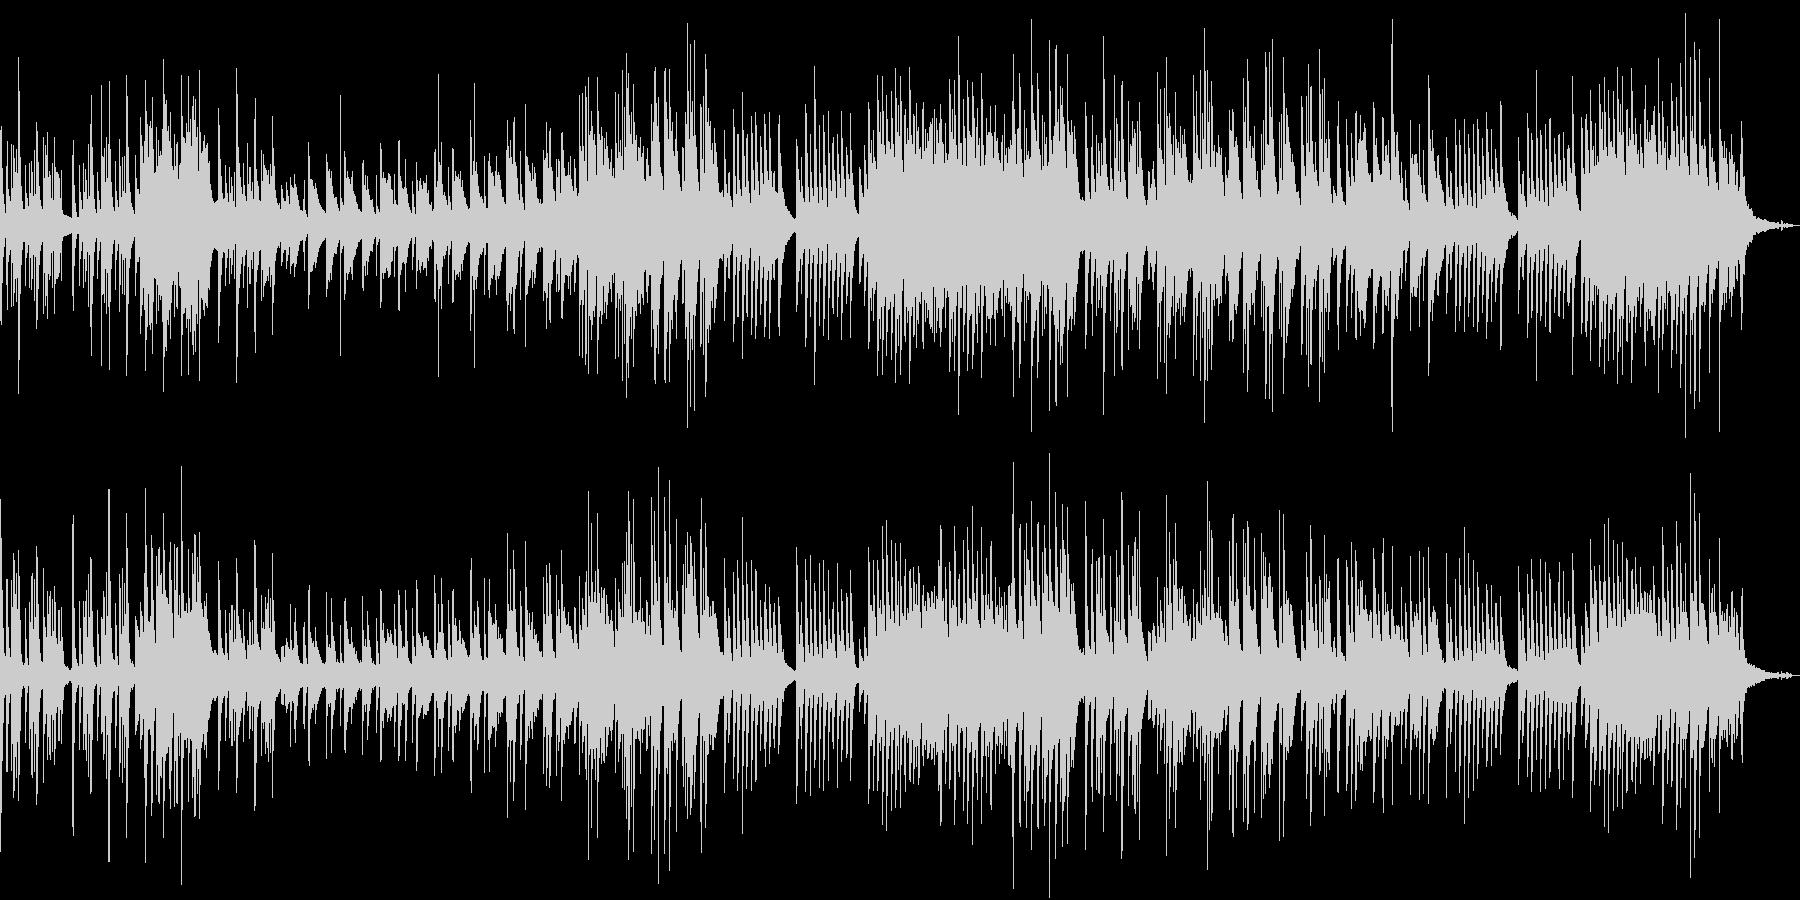 せつないピアノの未再生の波形